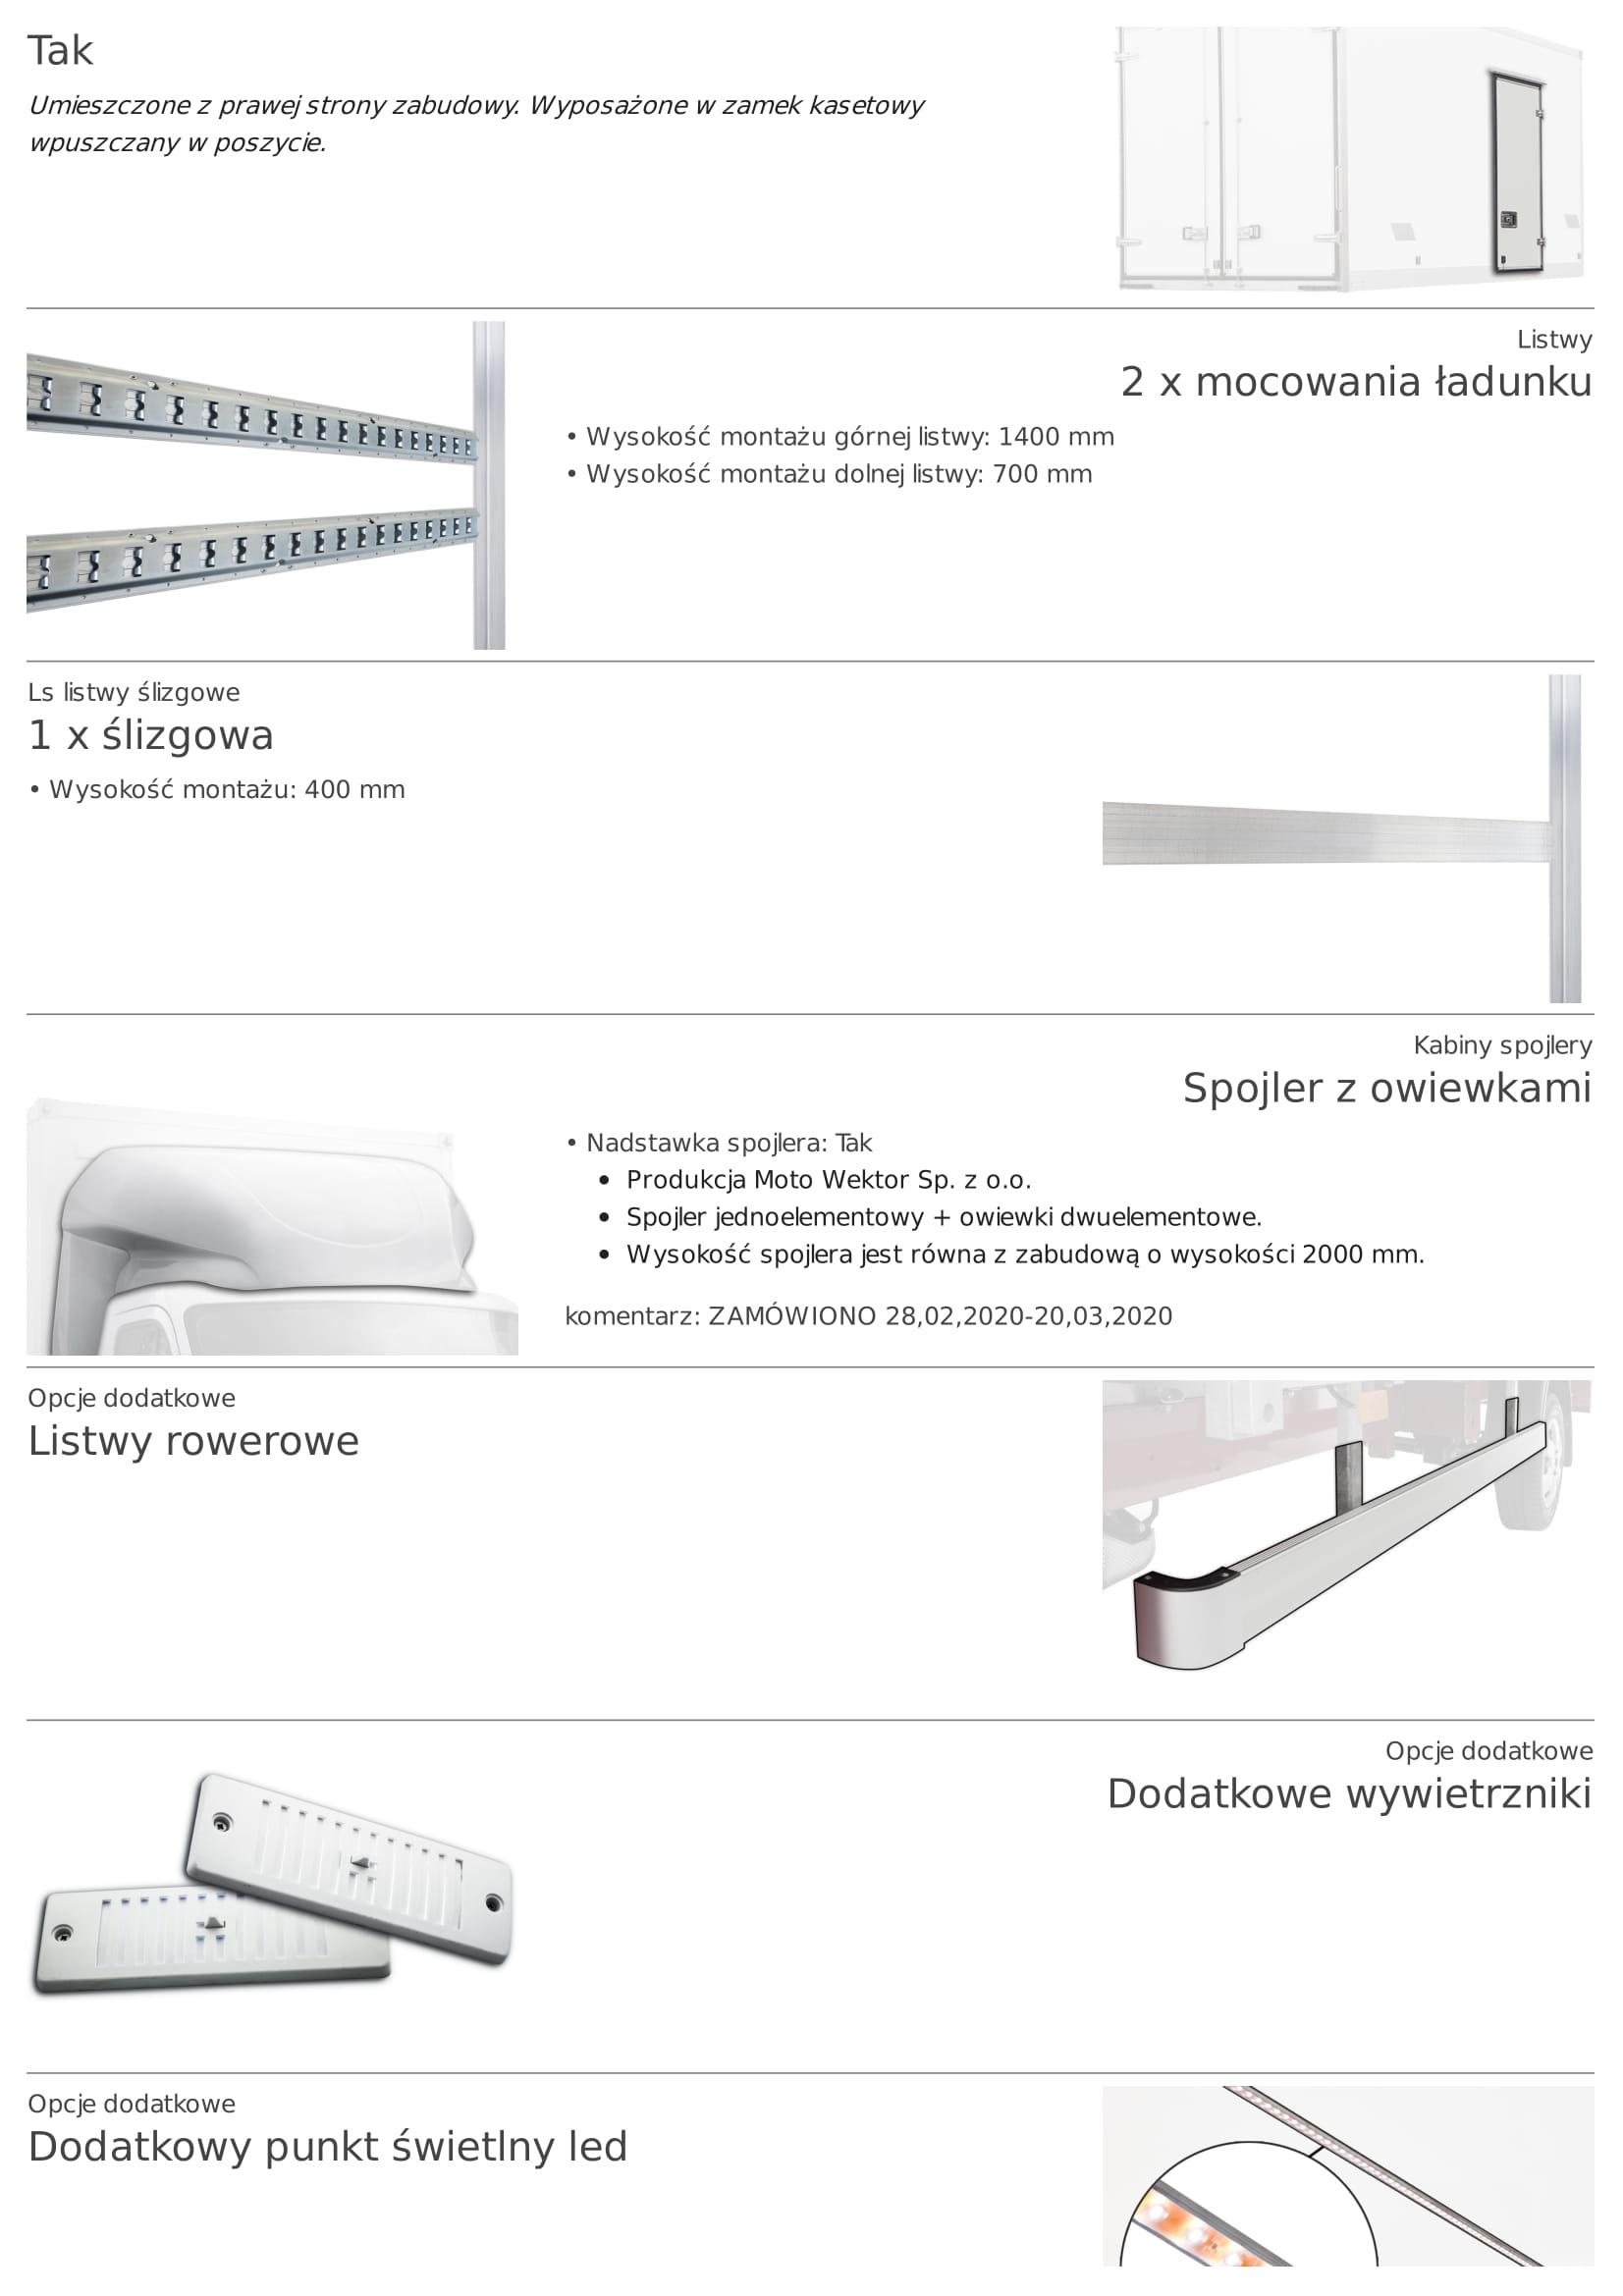 oferta_multimedialna_173346-2.jpg